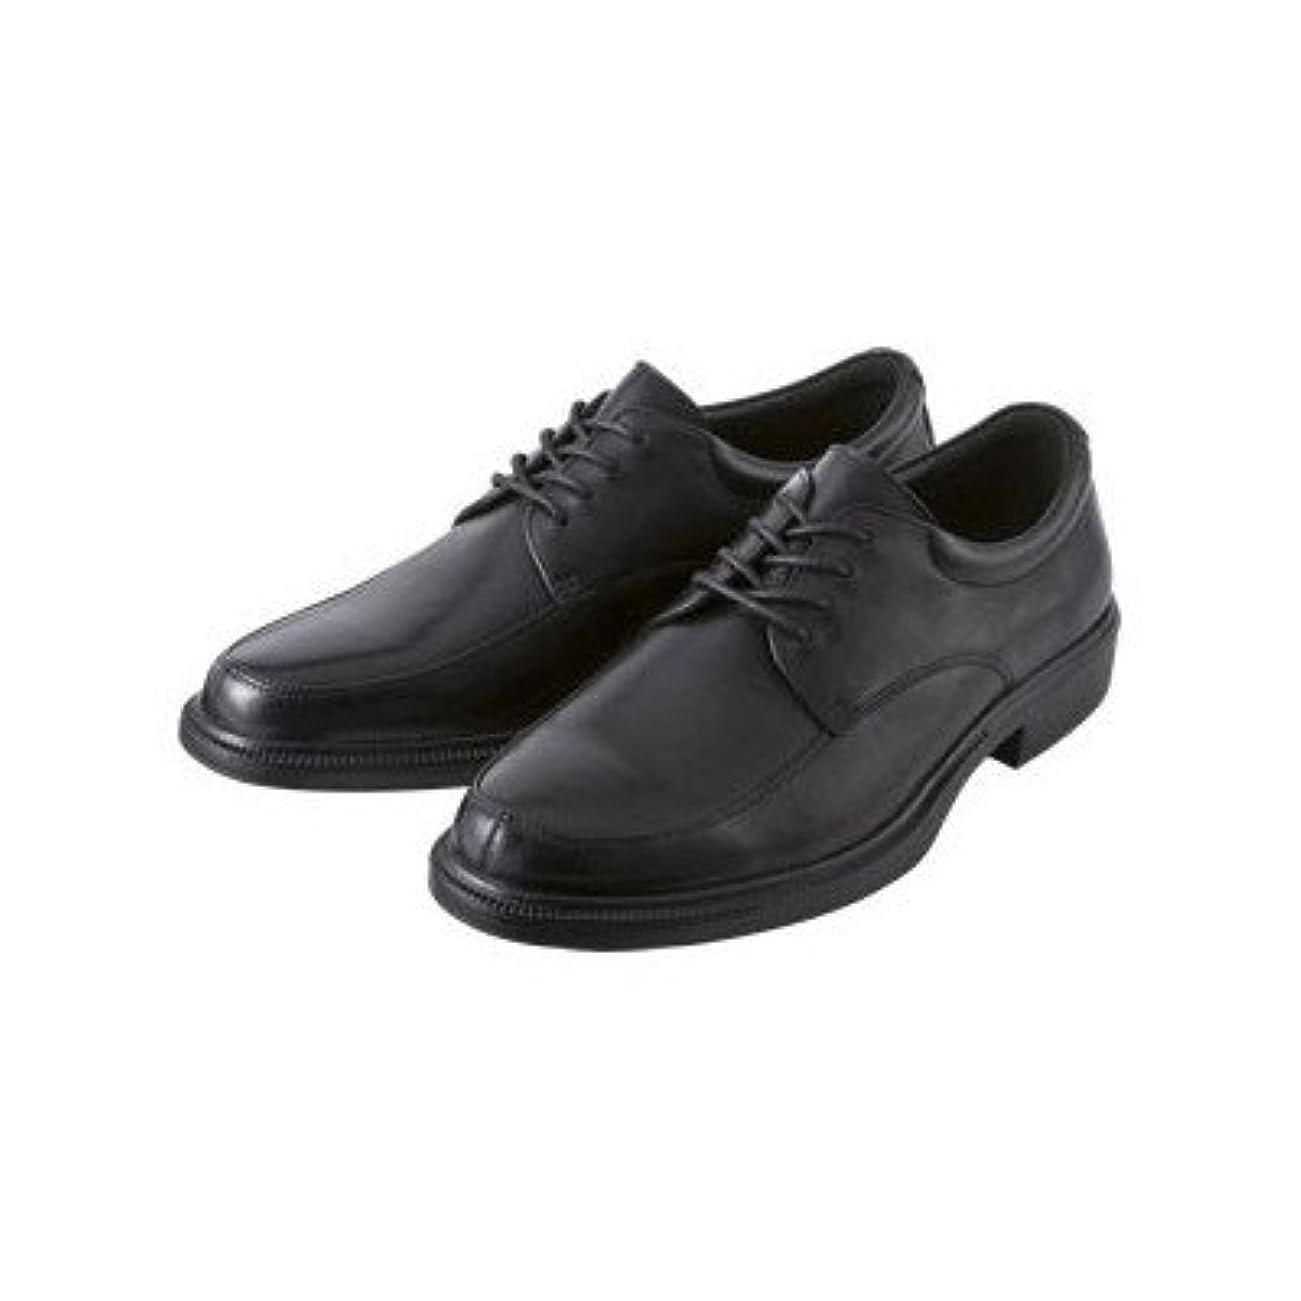 愛情スカーフスクランブル(ドクターアッシー) Dr.ASSY スニーカー (6045) メンズ 4E ビジネス 通勤 シューズ 靴